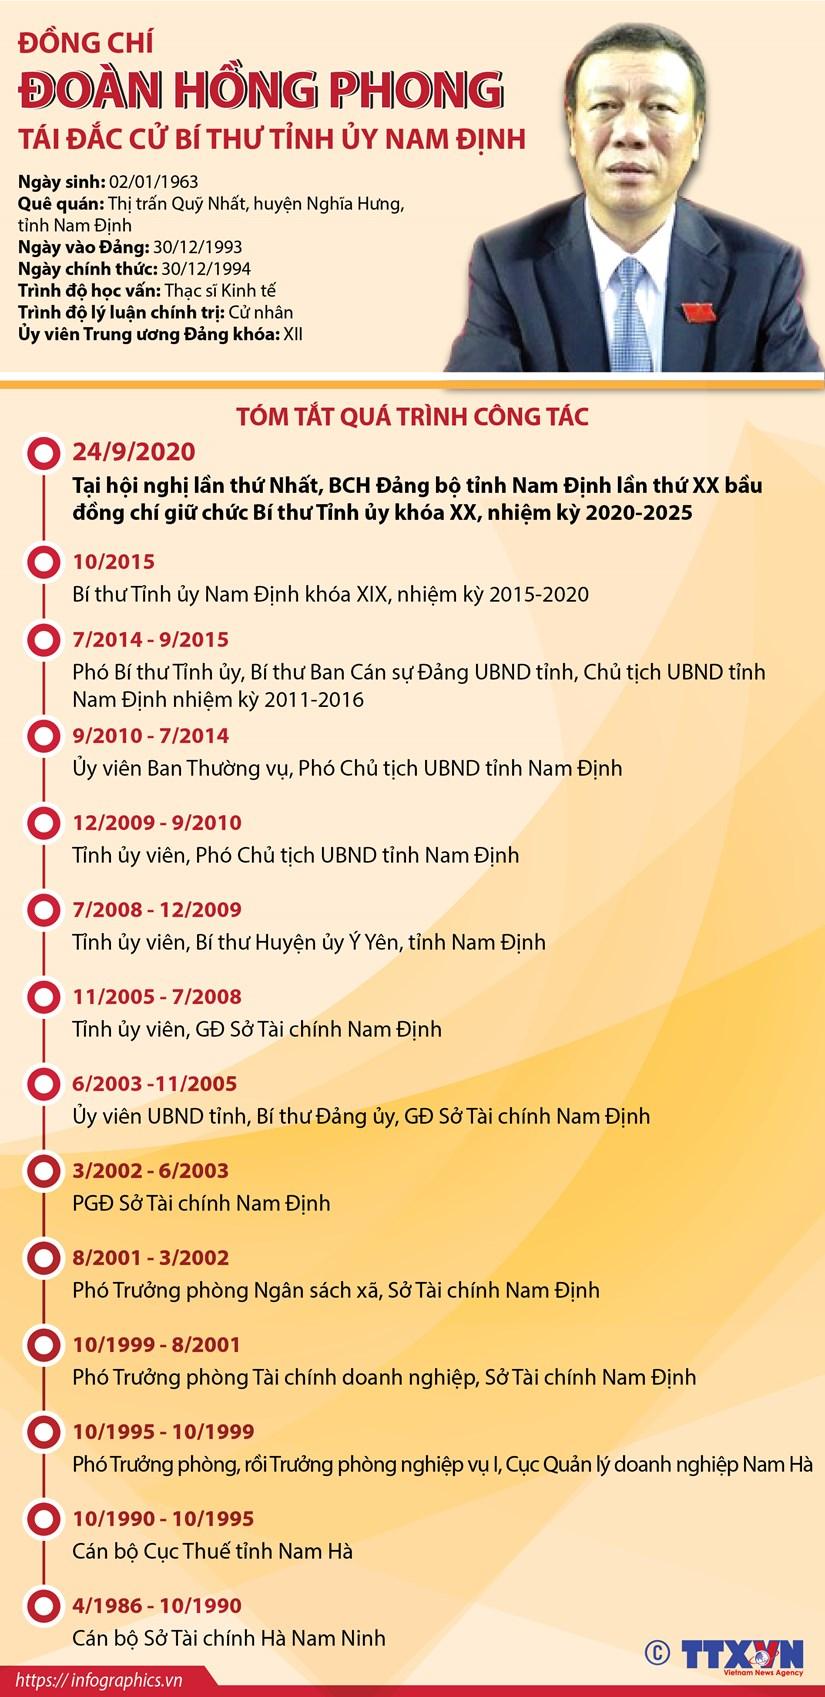 [Infographics] Ong Doan Hong Phong tai dac cu Bi thu Tinh uy Nam Dinh hinh anh 1